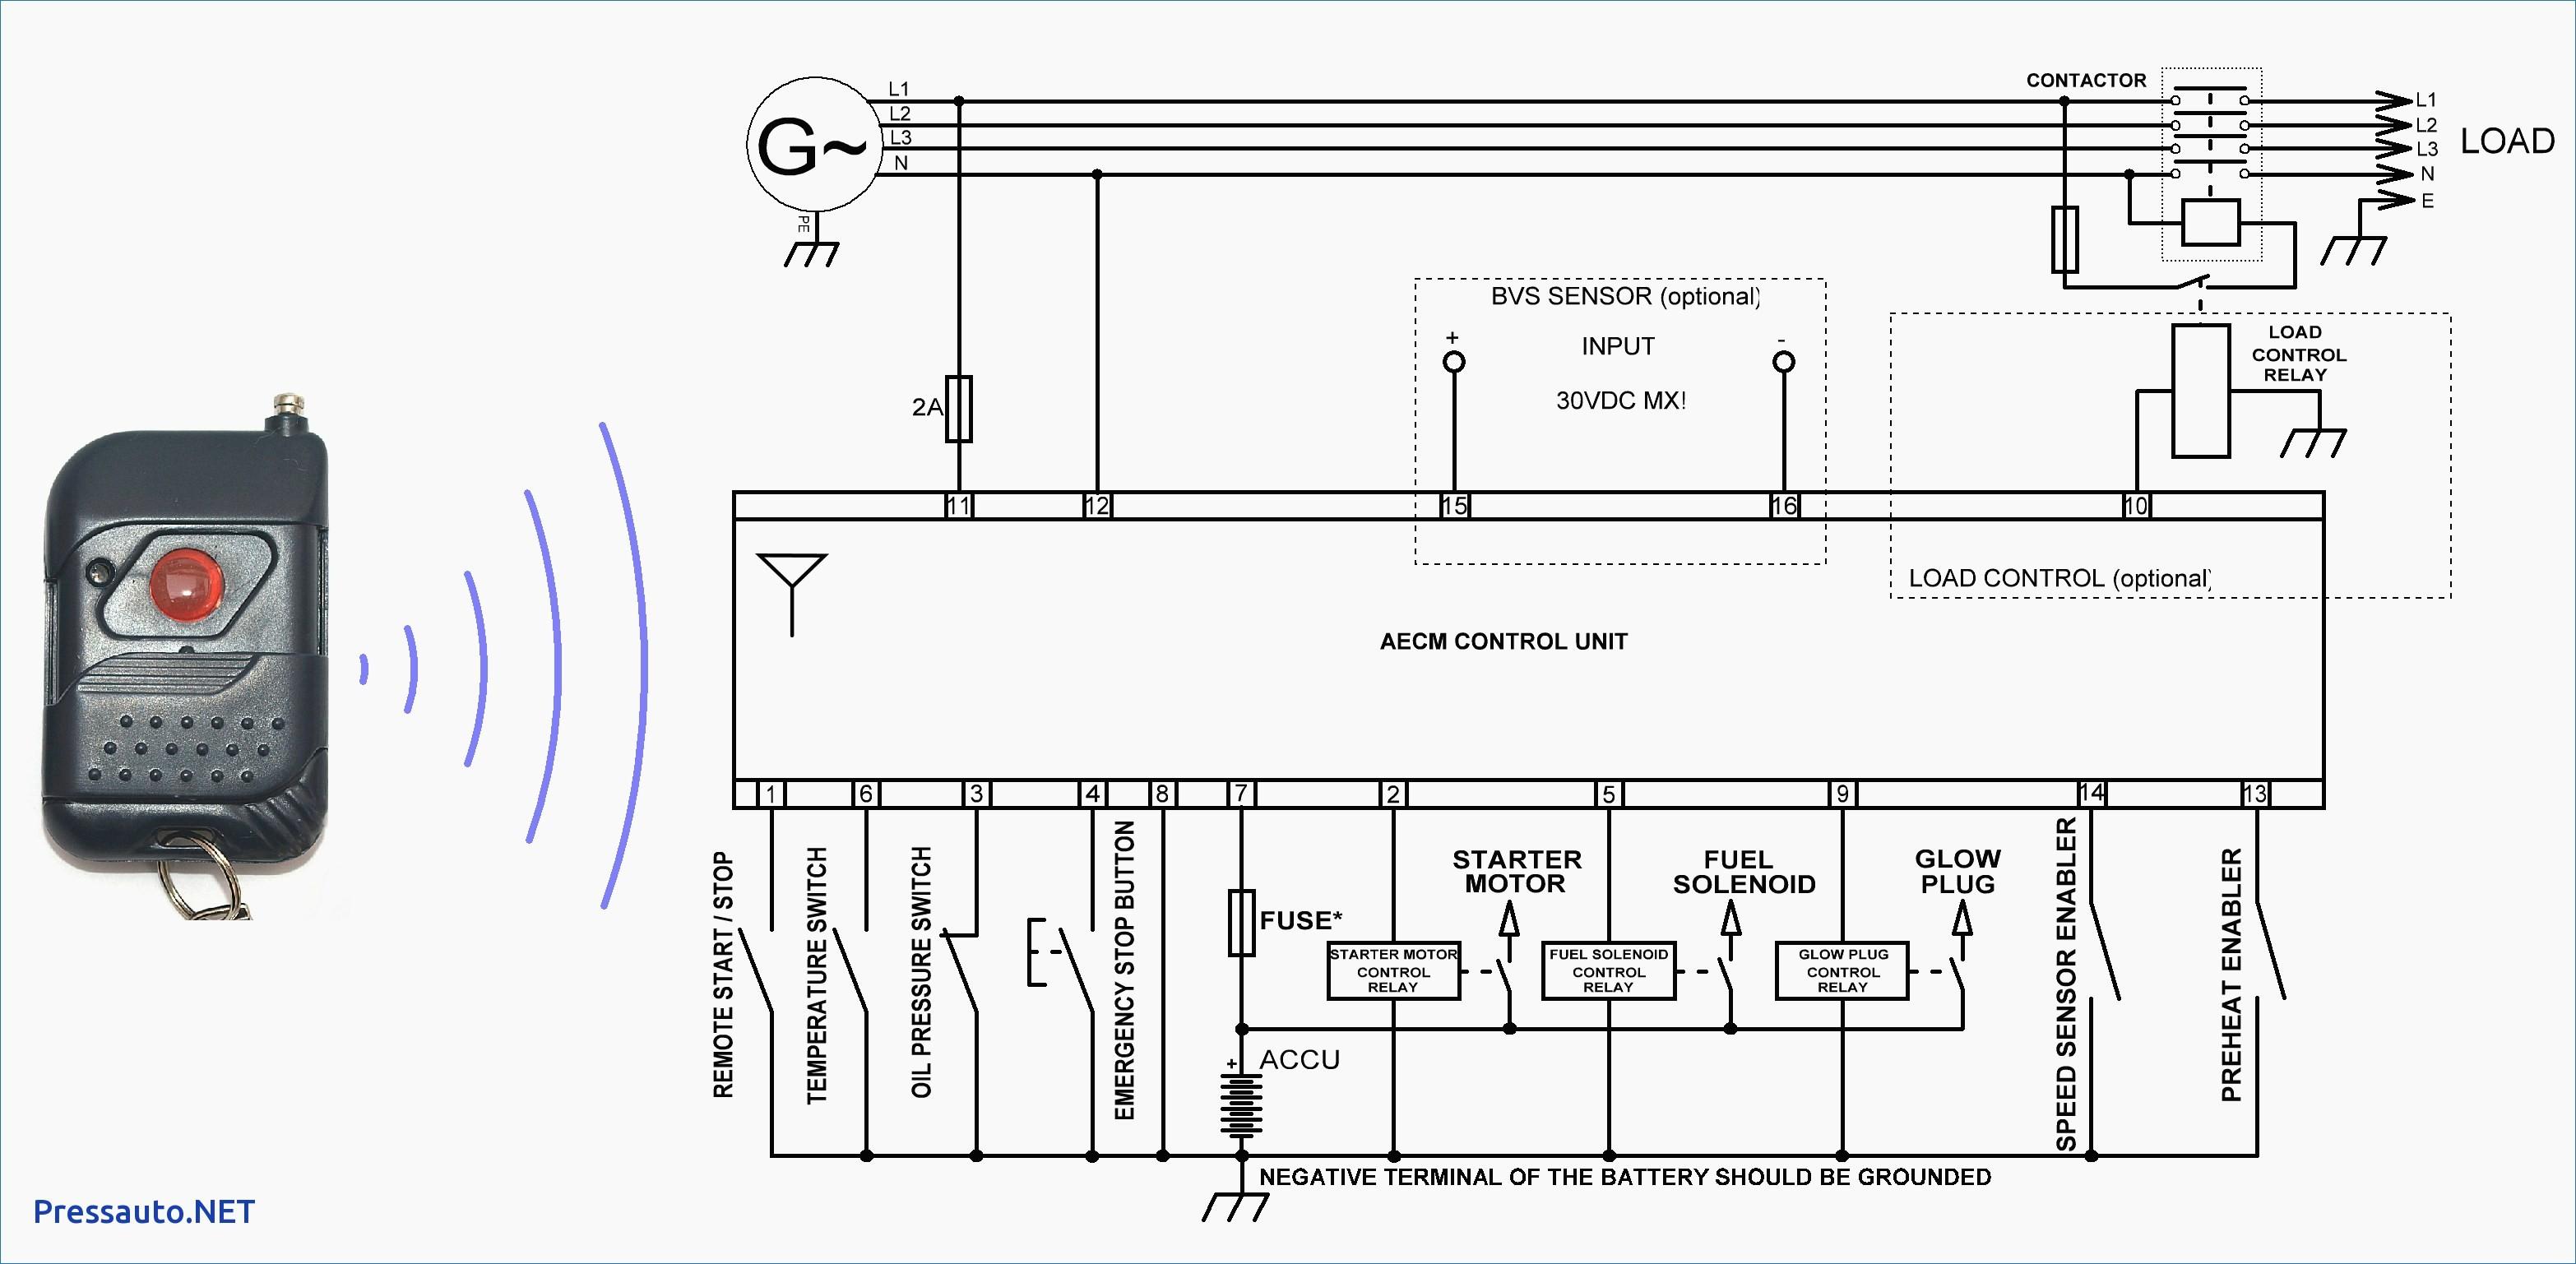 Wiring General Diagram Signal Hs1f1a - Wiring Diagrams DigitalWiring Diagrams Digital - kartenwerkstatt-loewenzahn.de